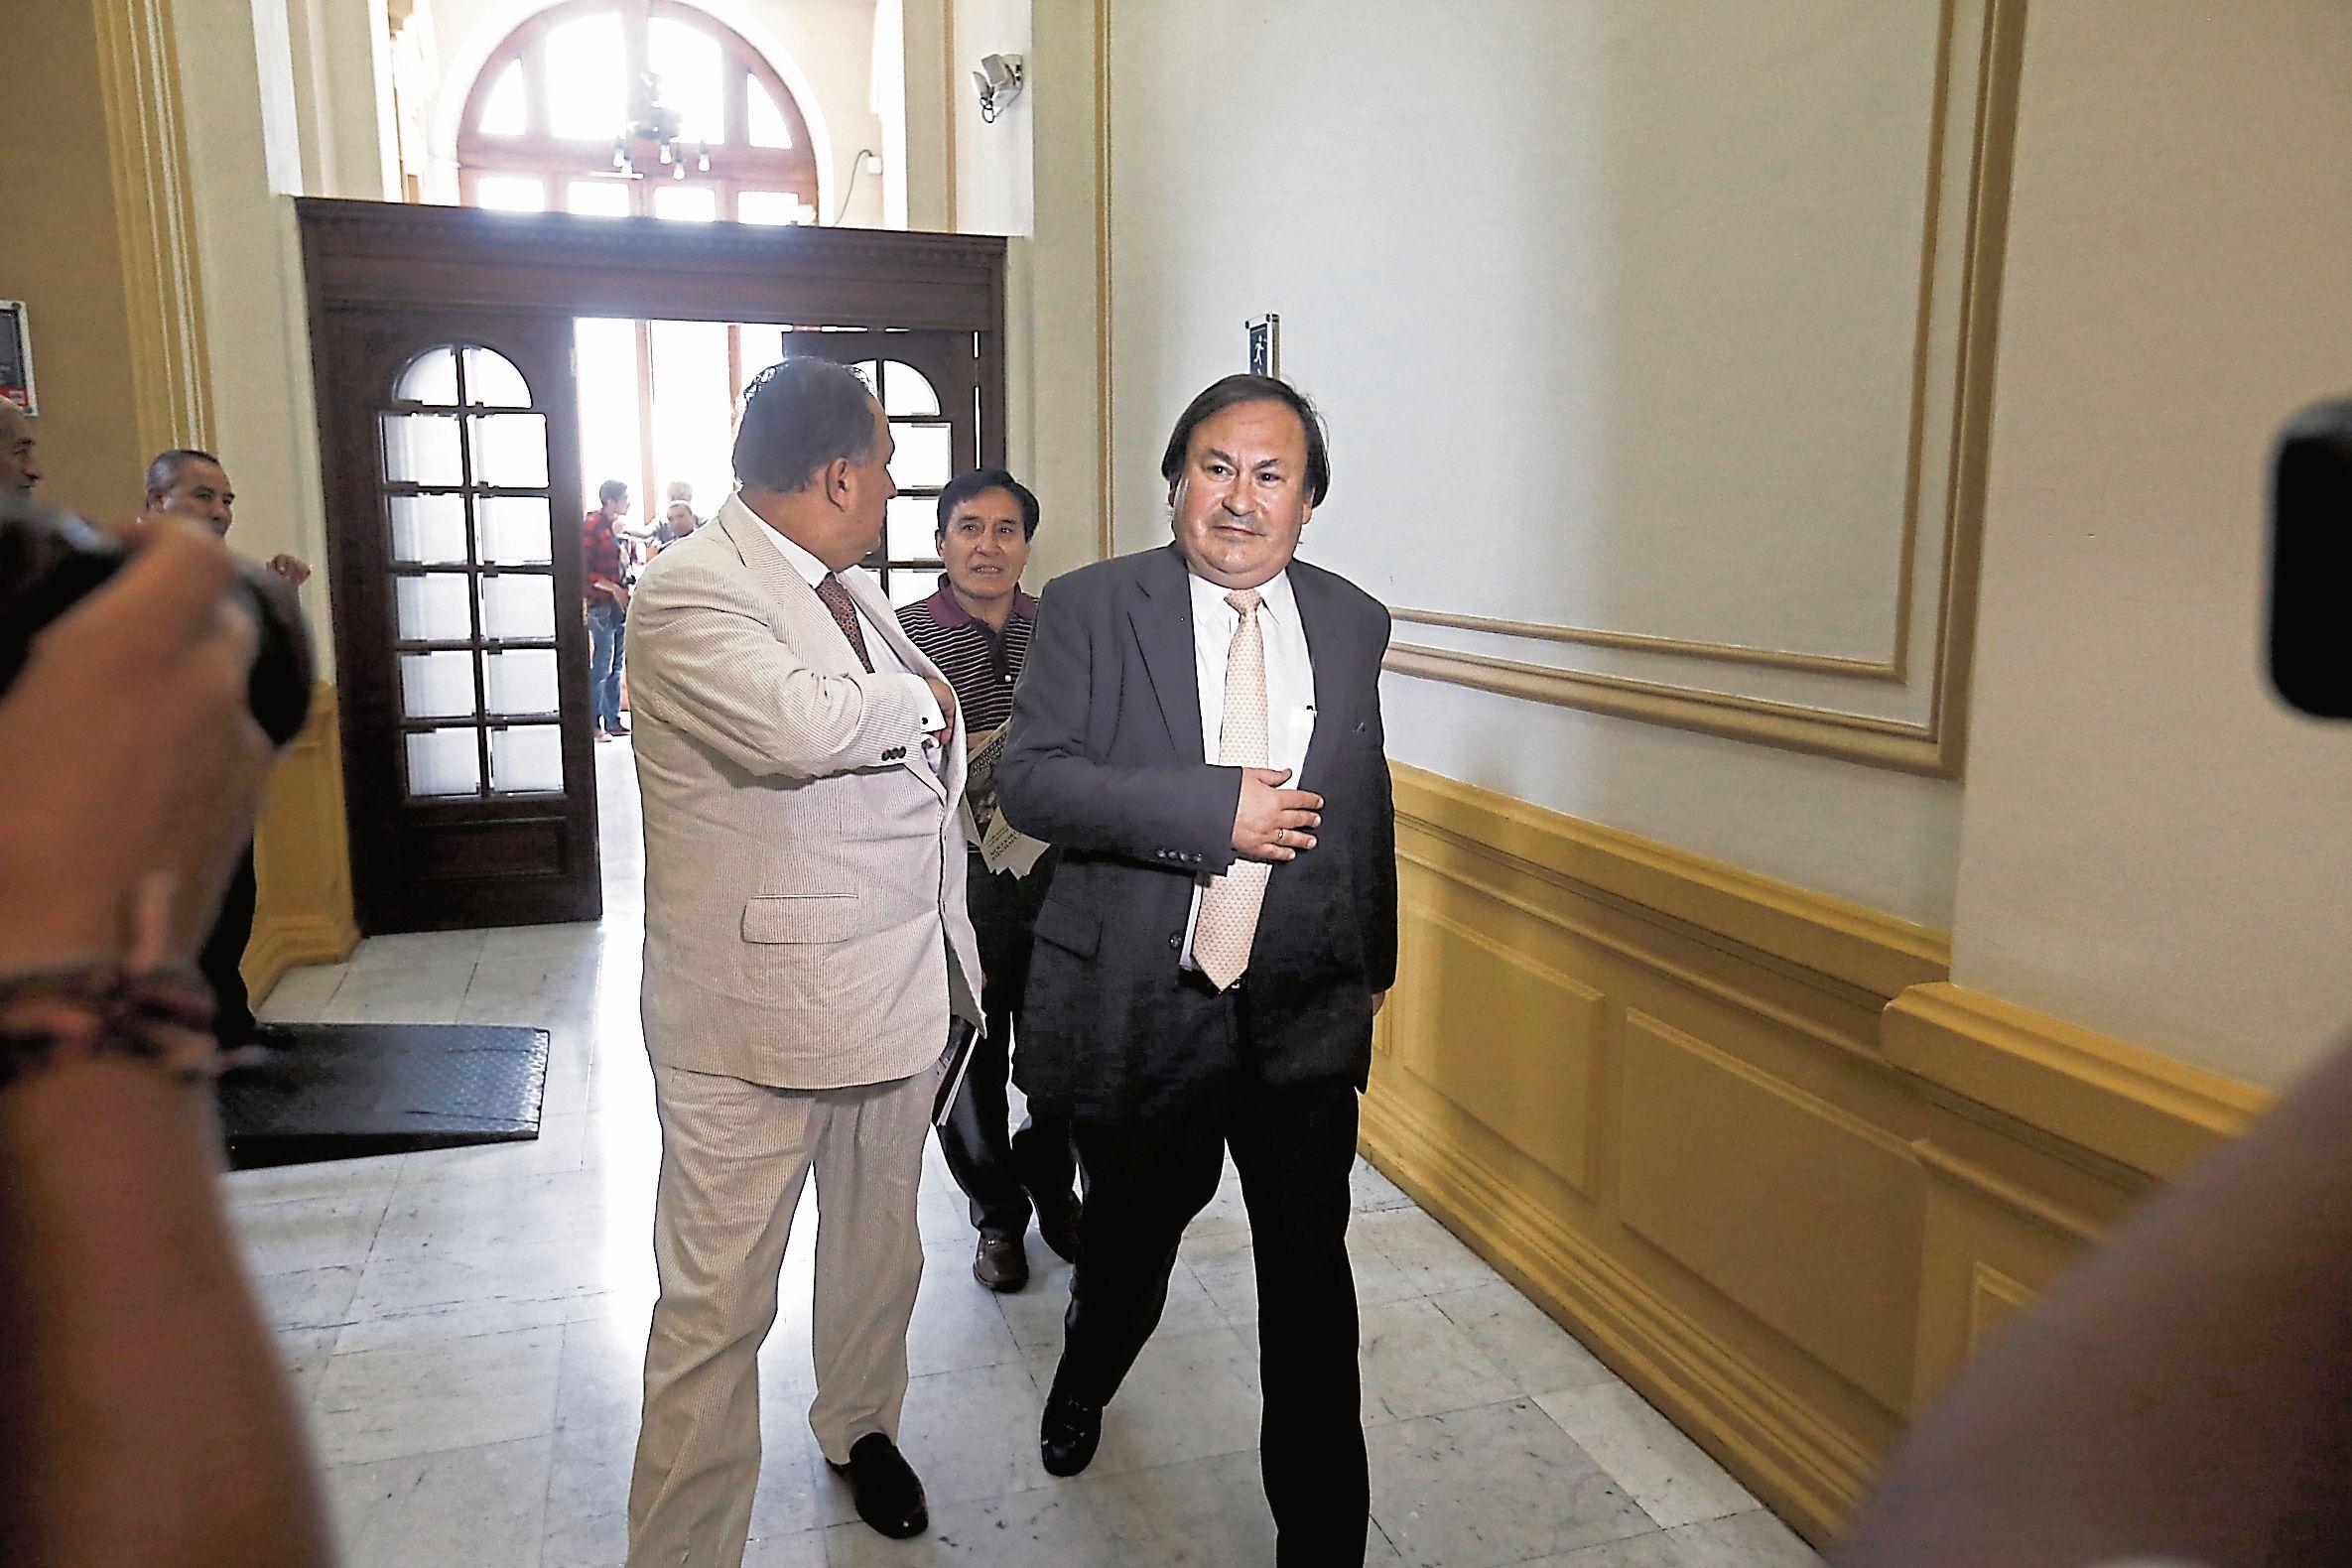 sin palabras. Cuando Cánepa acudió al Congreso, en febrero pasado, no respondió preguntas de los congresistas y guardó silencio. (USI)